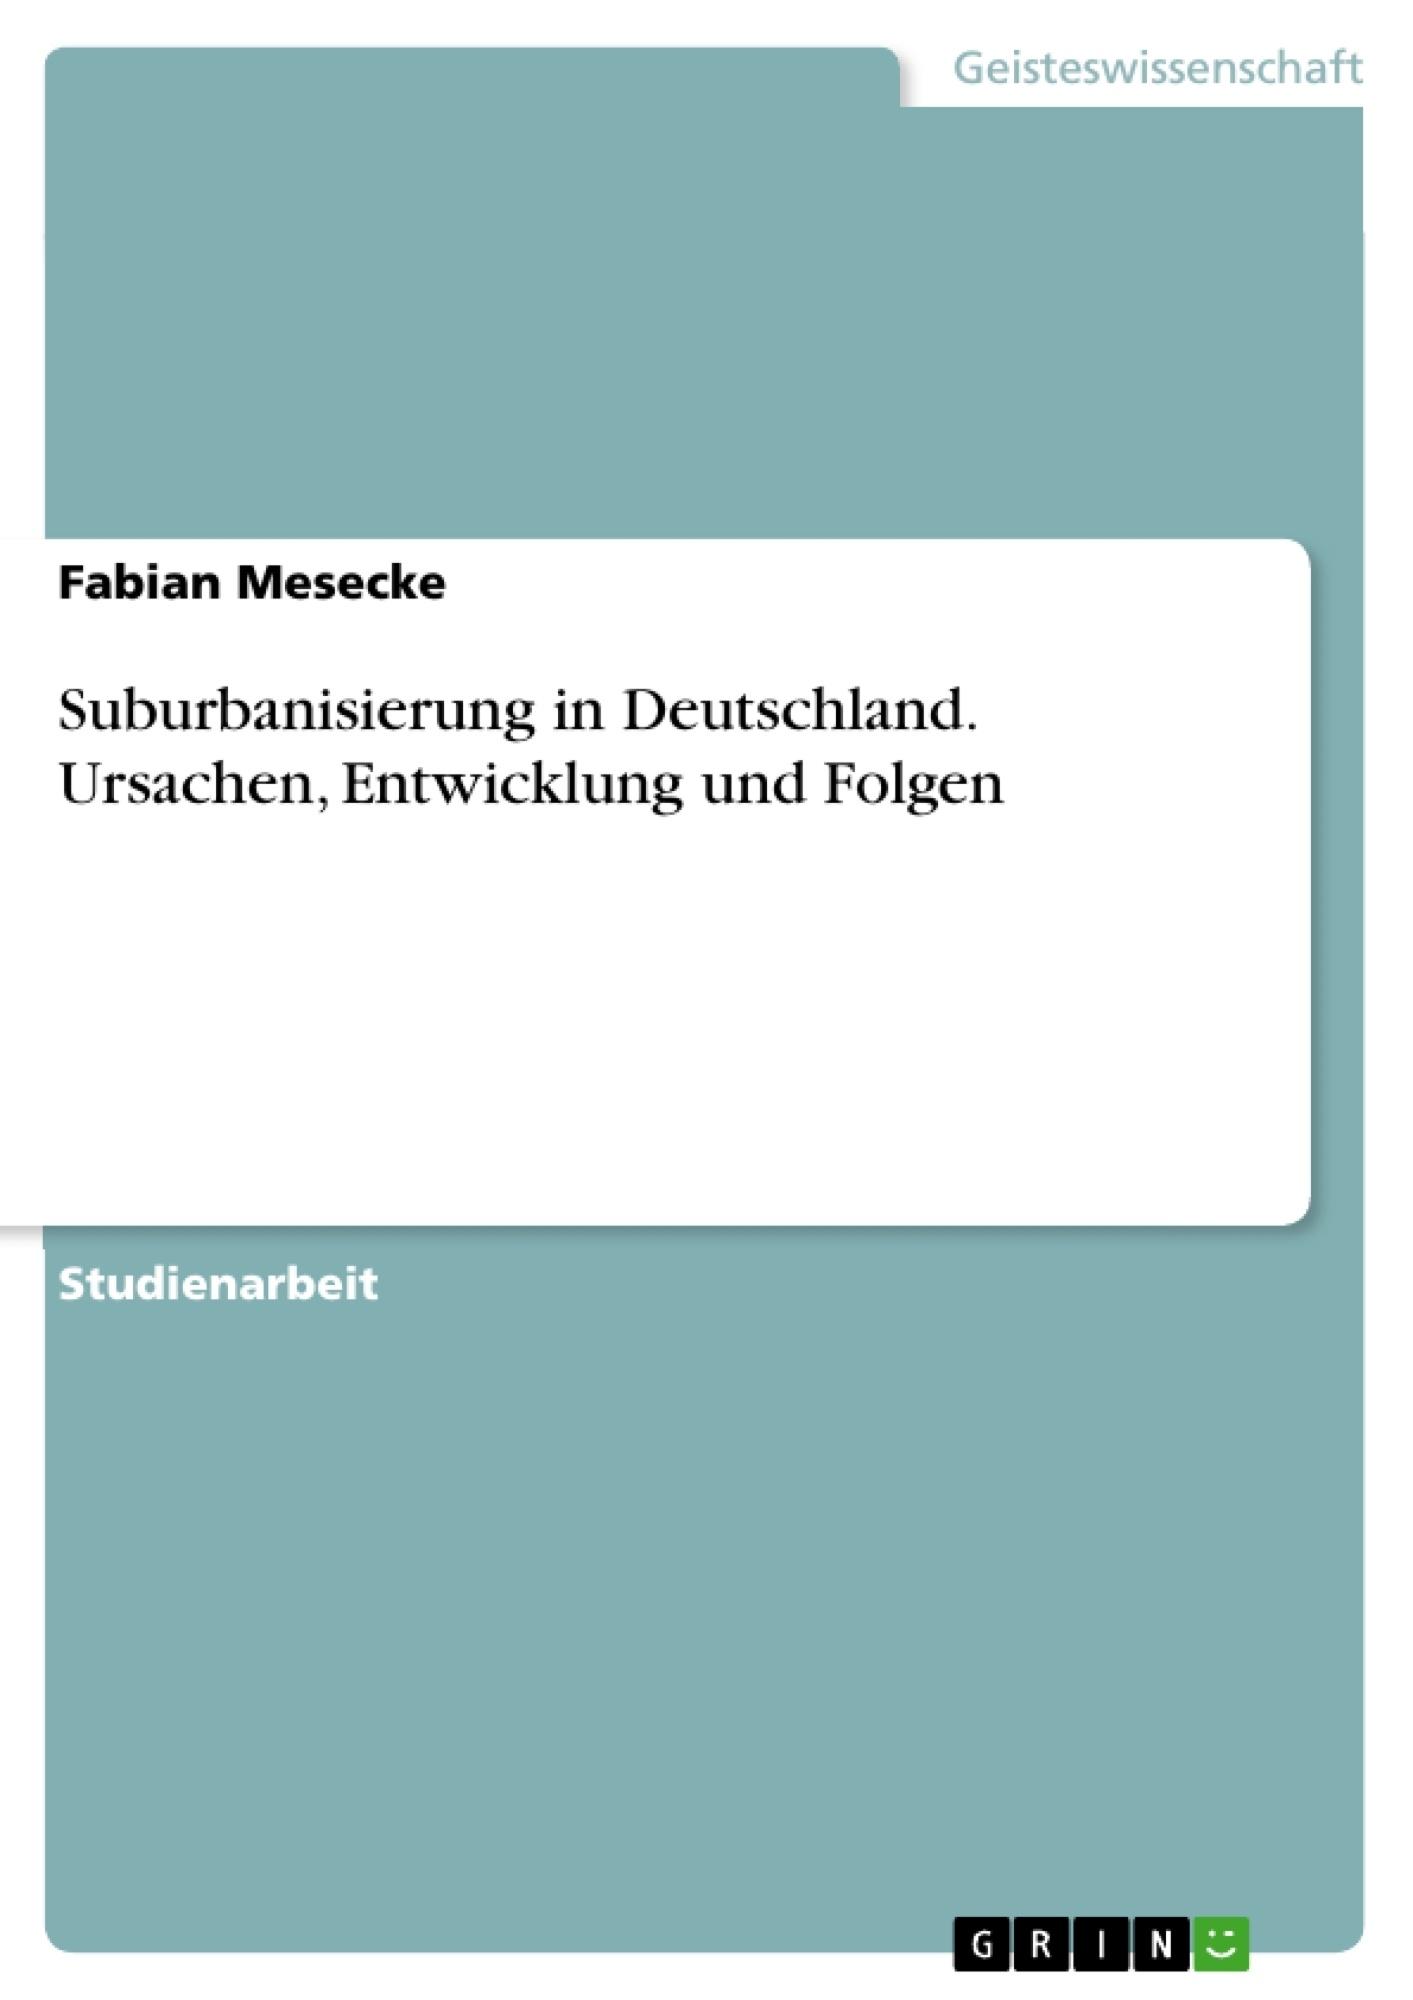 Titel: Suburbanisierung in Deutschland. Ursachen, Entwicklung und Folgen